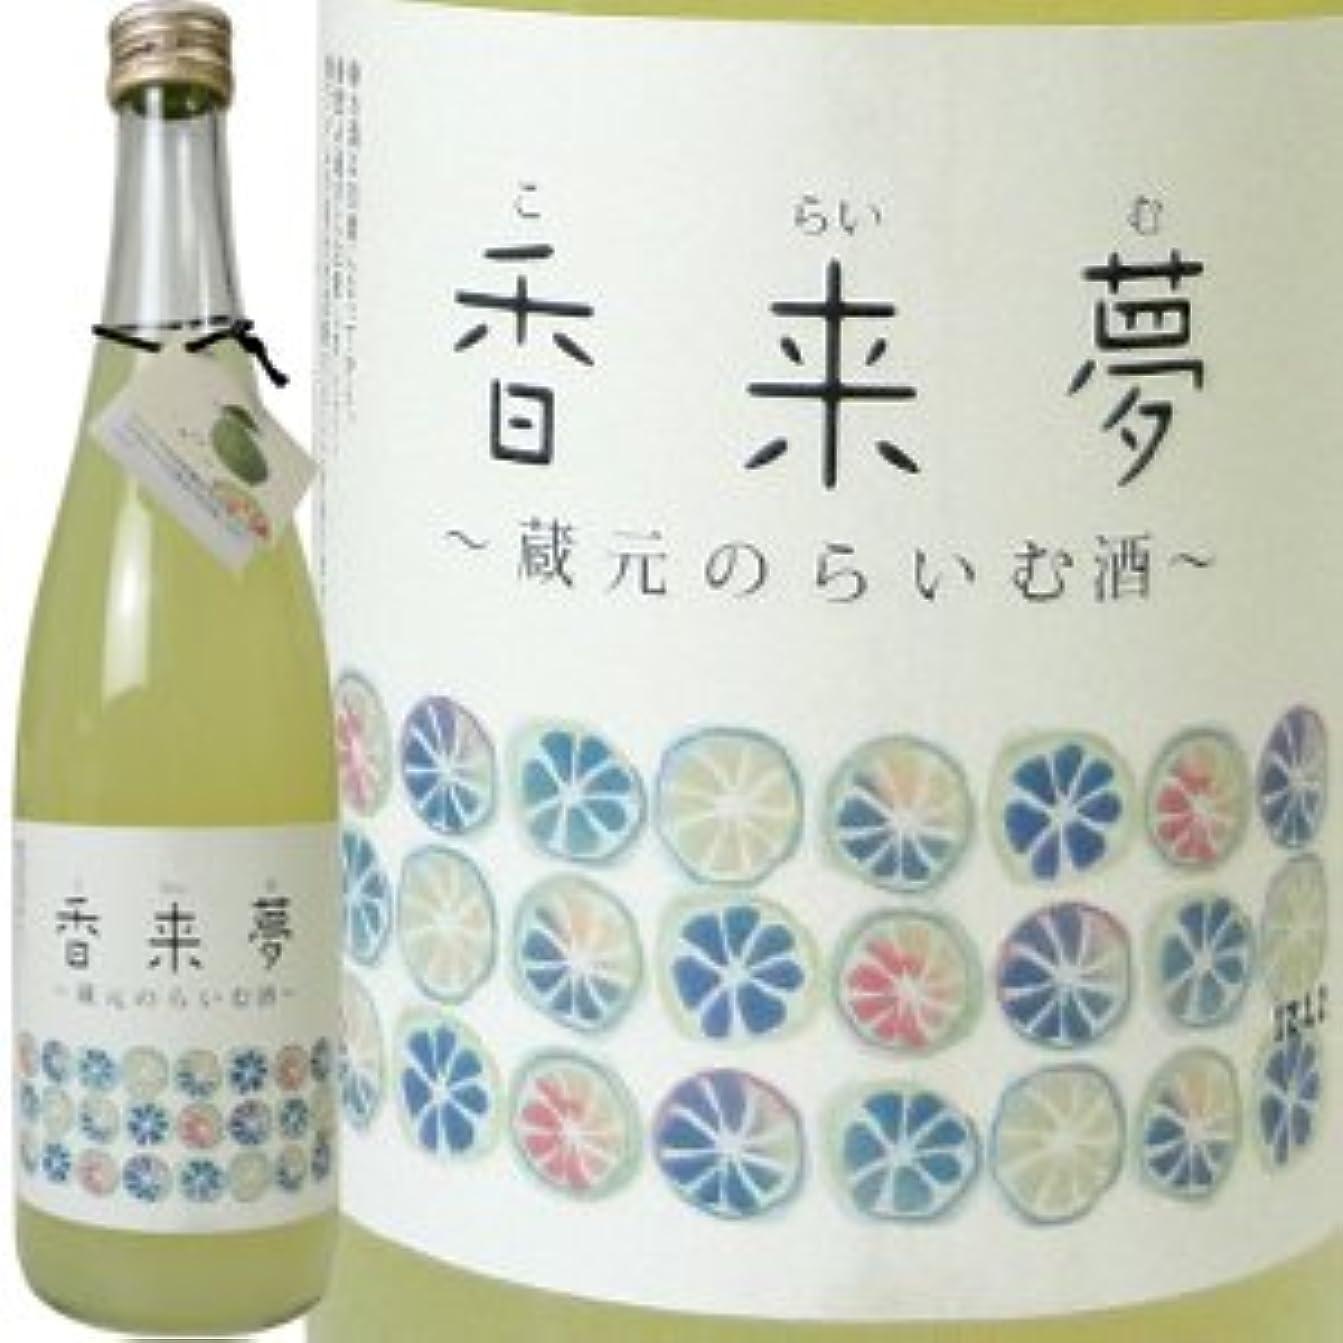 セブン不一致アグネスグレイ栄光酒造 蔵元のらいむ酒 香来夢(こらいむ) 720ML